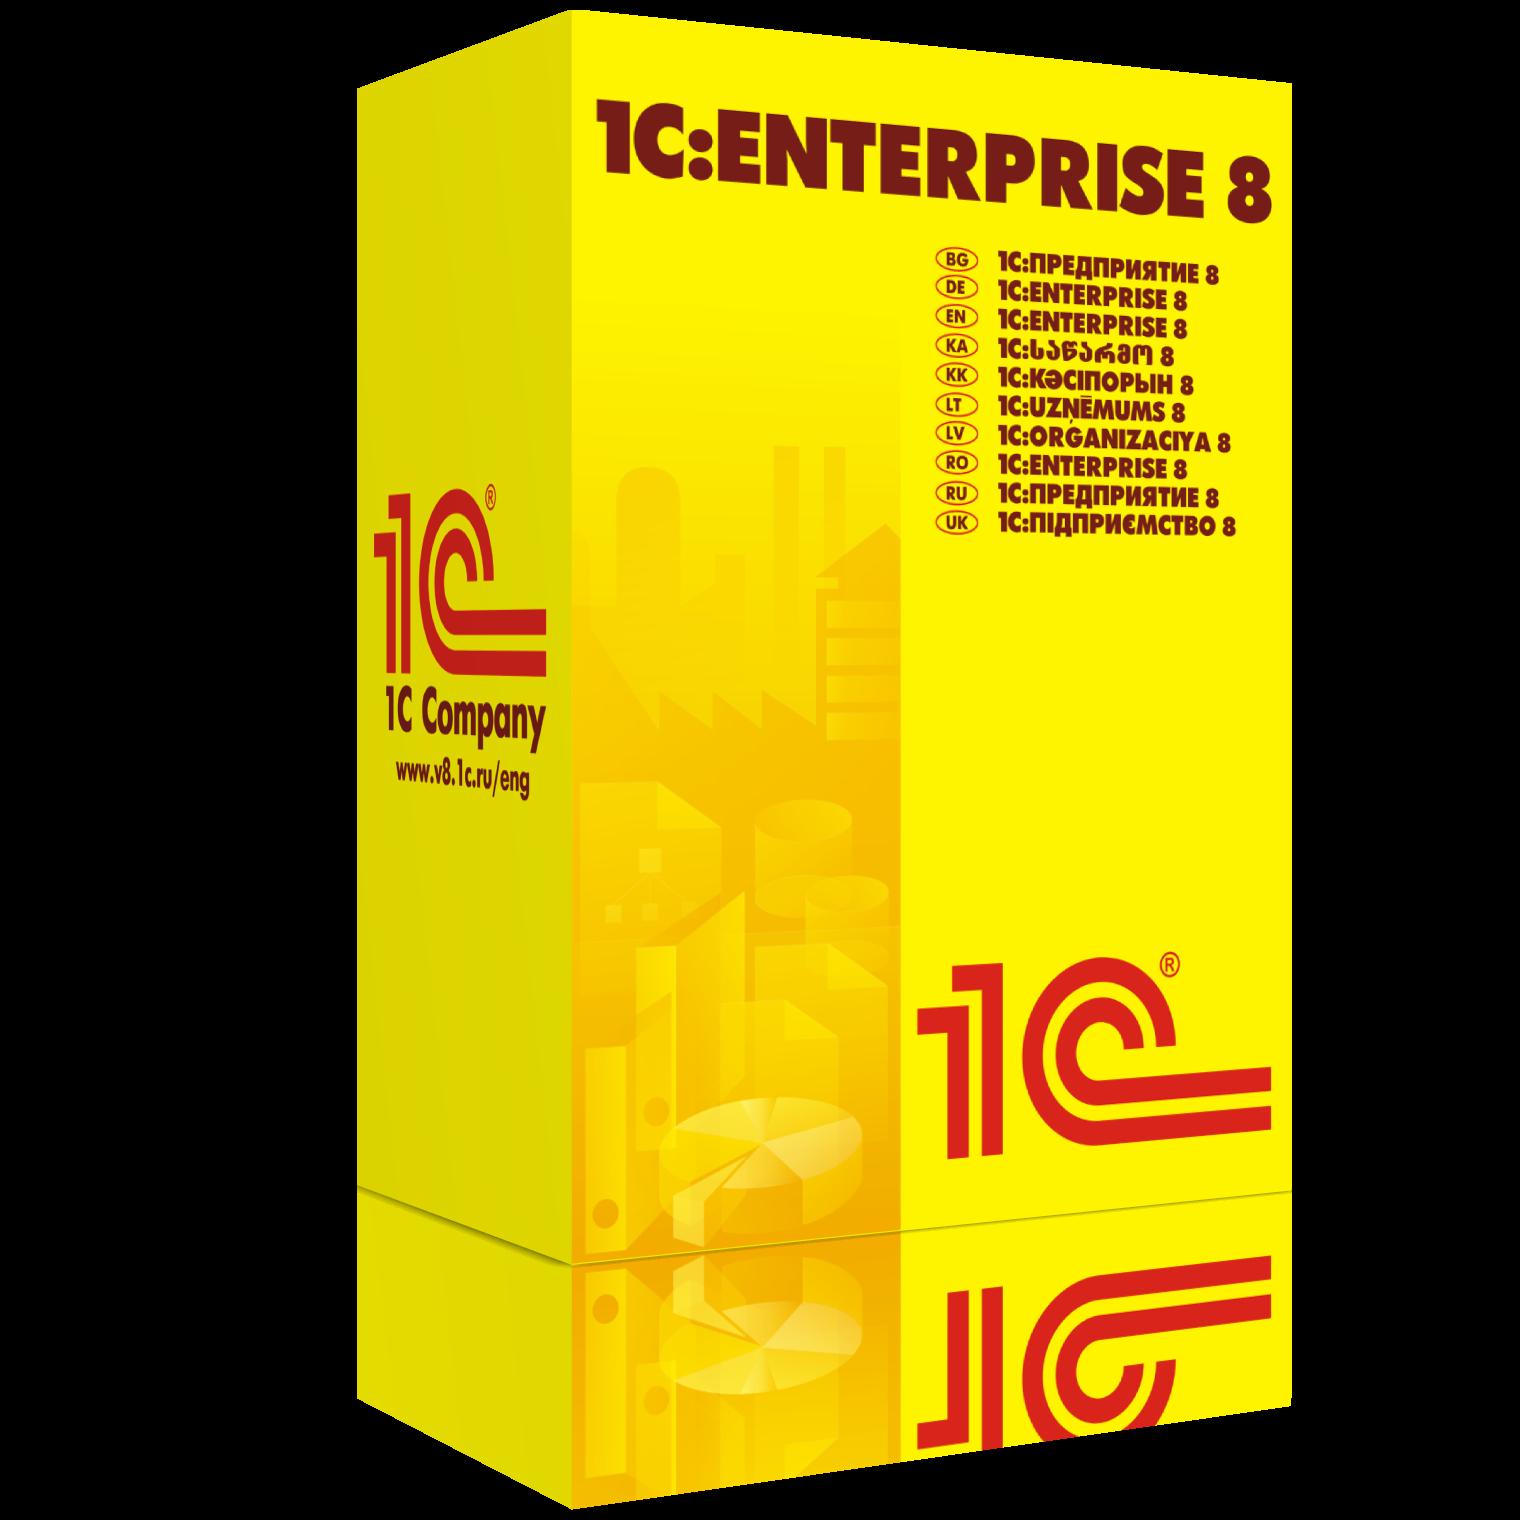 Enterprise_L2.png